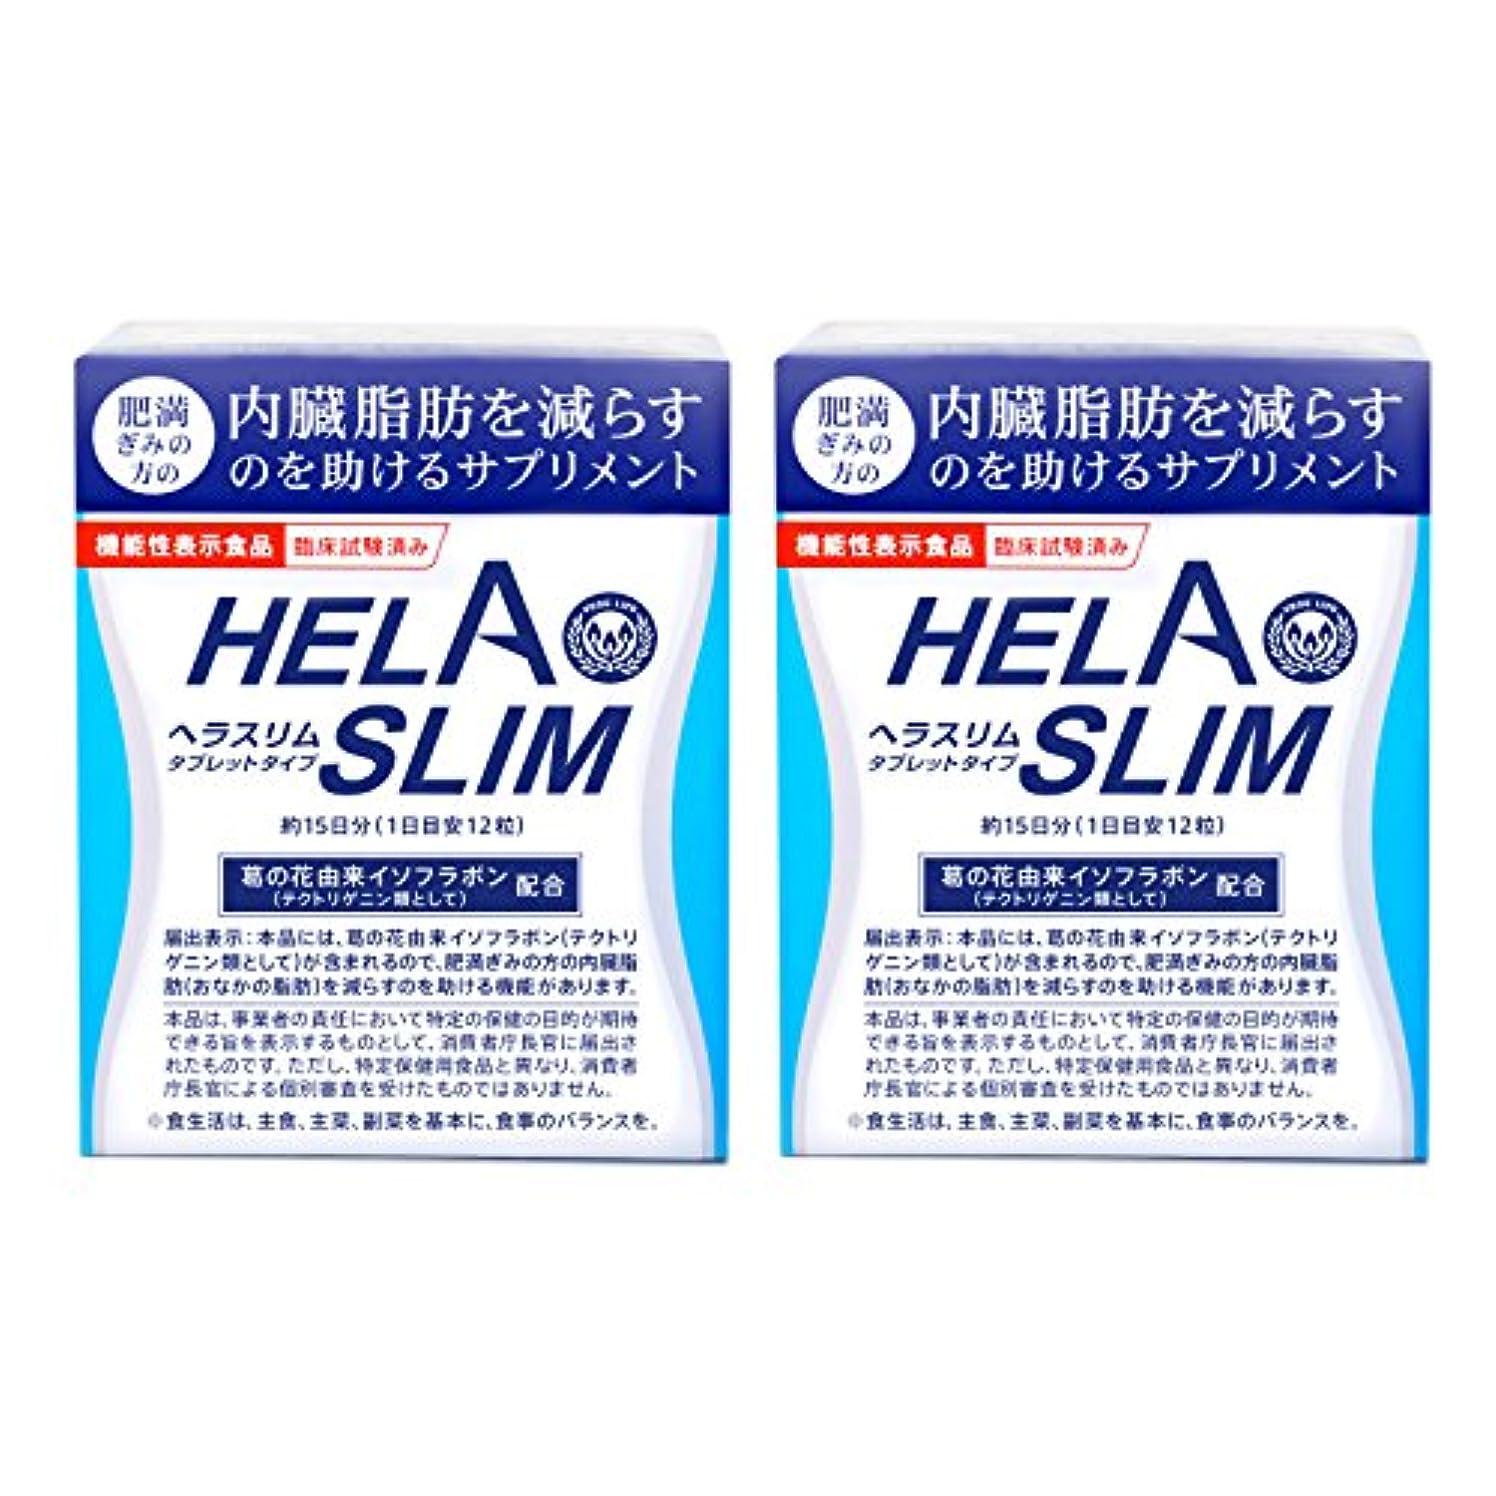 【2箱セット】HELASLIM ヘラスリム(180粒入15日分)【機能性表示食品】【臨床試験済】